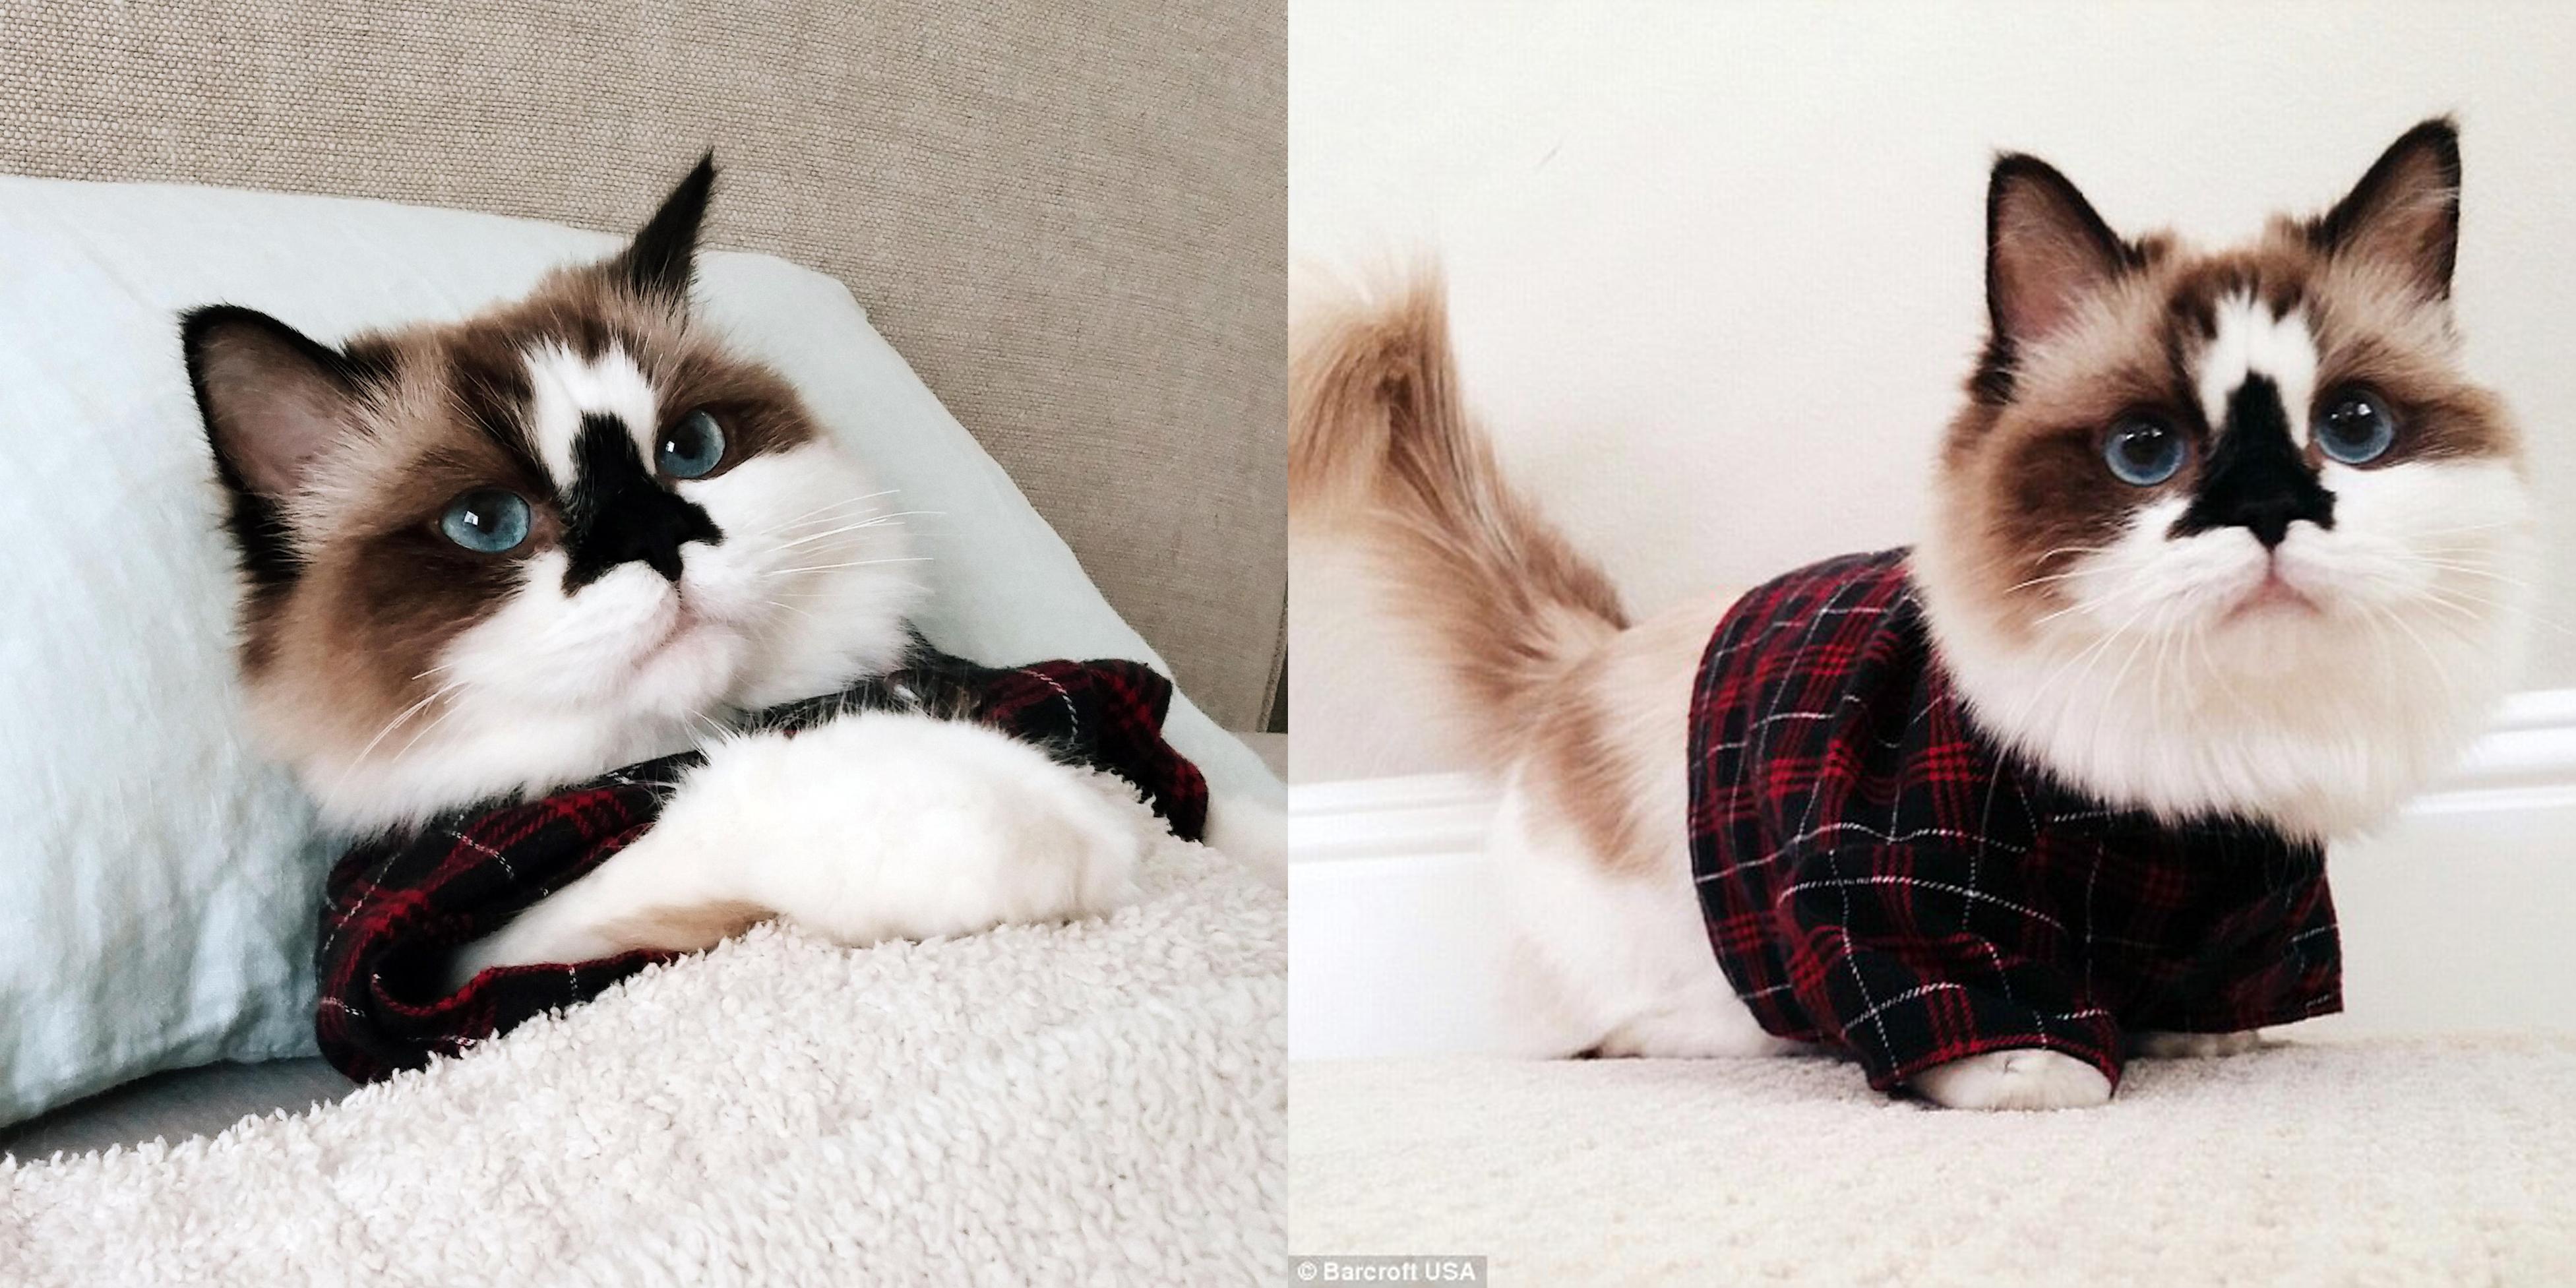 Conoce al adorable gato munchkin que arrasa en las redes